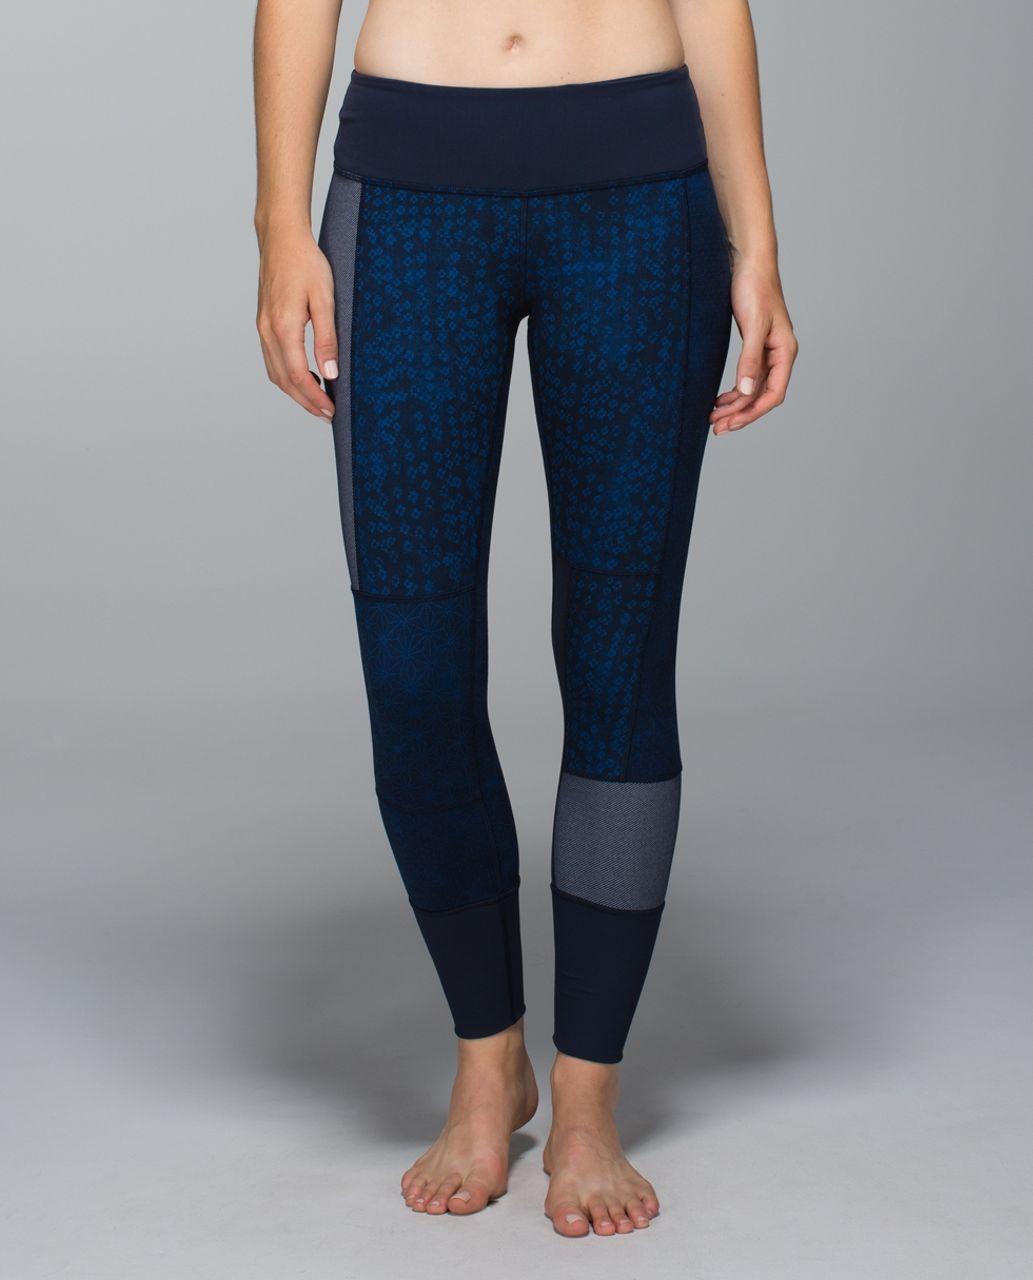 Lululemon Wunder Under Pant *Full-On Luon (Sashiko) - Kanoko Twist Inkwell Rugged Blue / Inkwell / Sashico Star Inkwell Rugged Blue